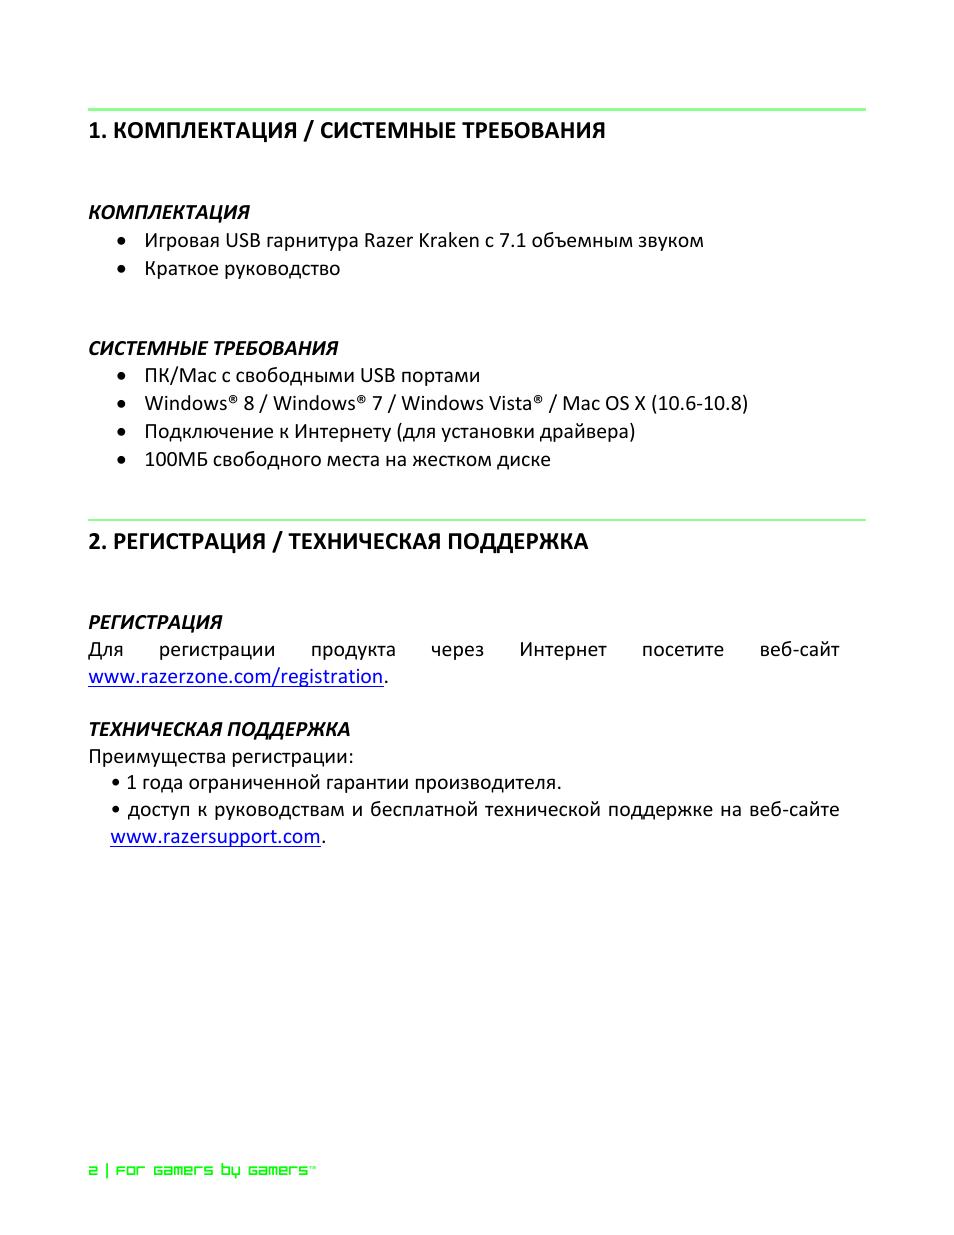 Комплектация / системные требования, Комплектация, Системные требования